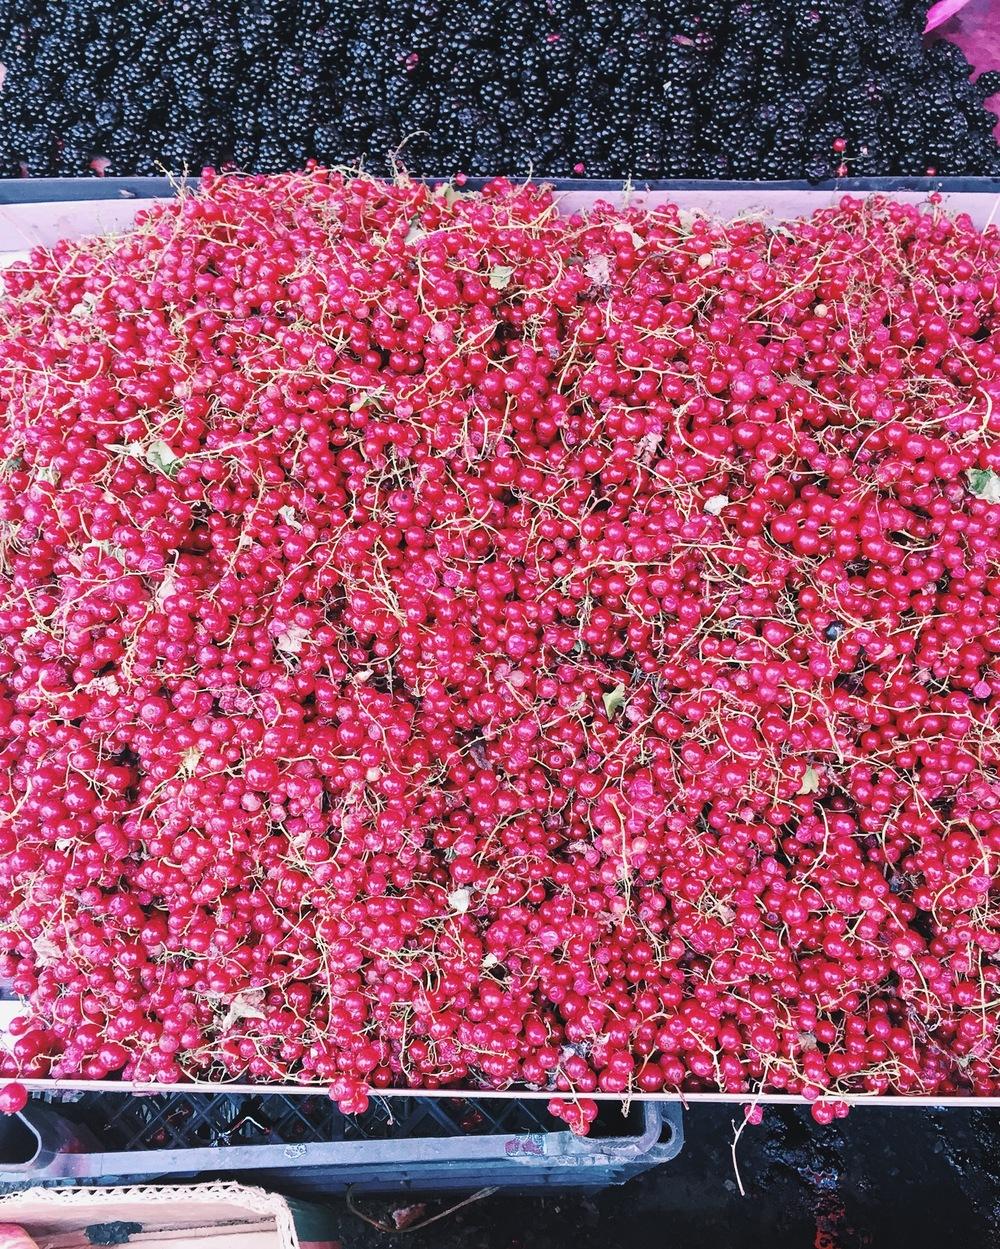 Mark Rothko: Berry Edition